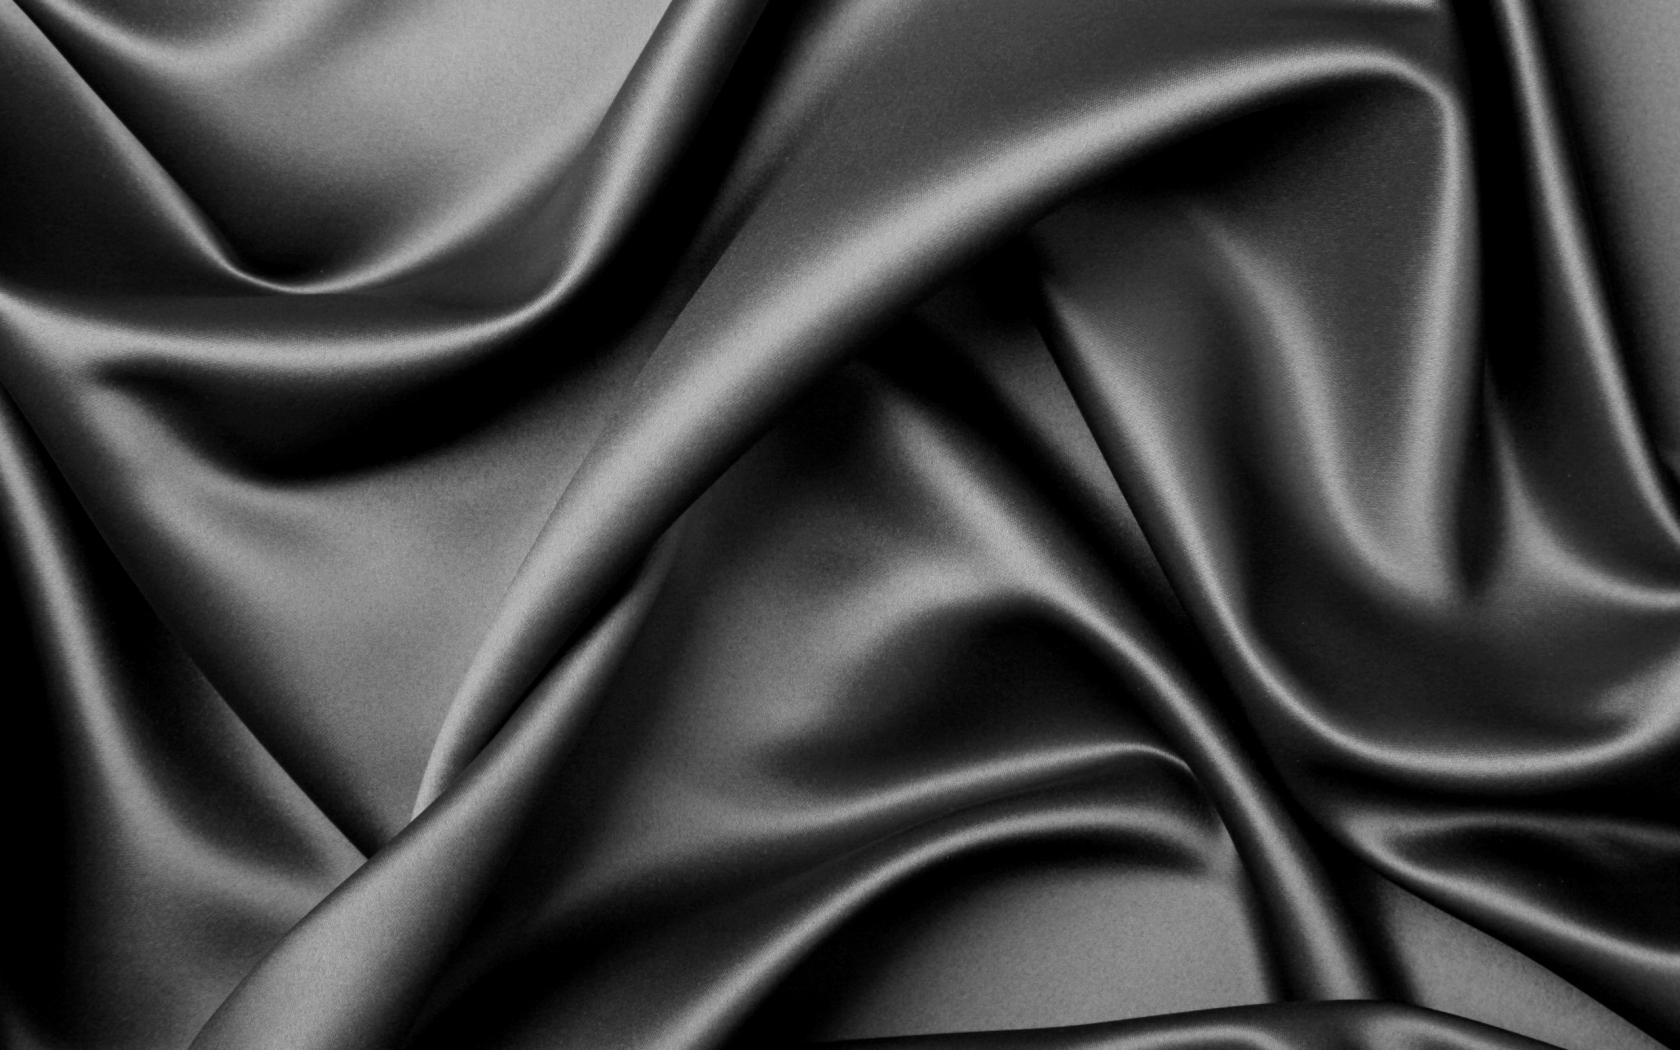 Textura de tela negra - 1680x1050